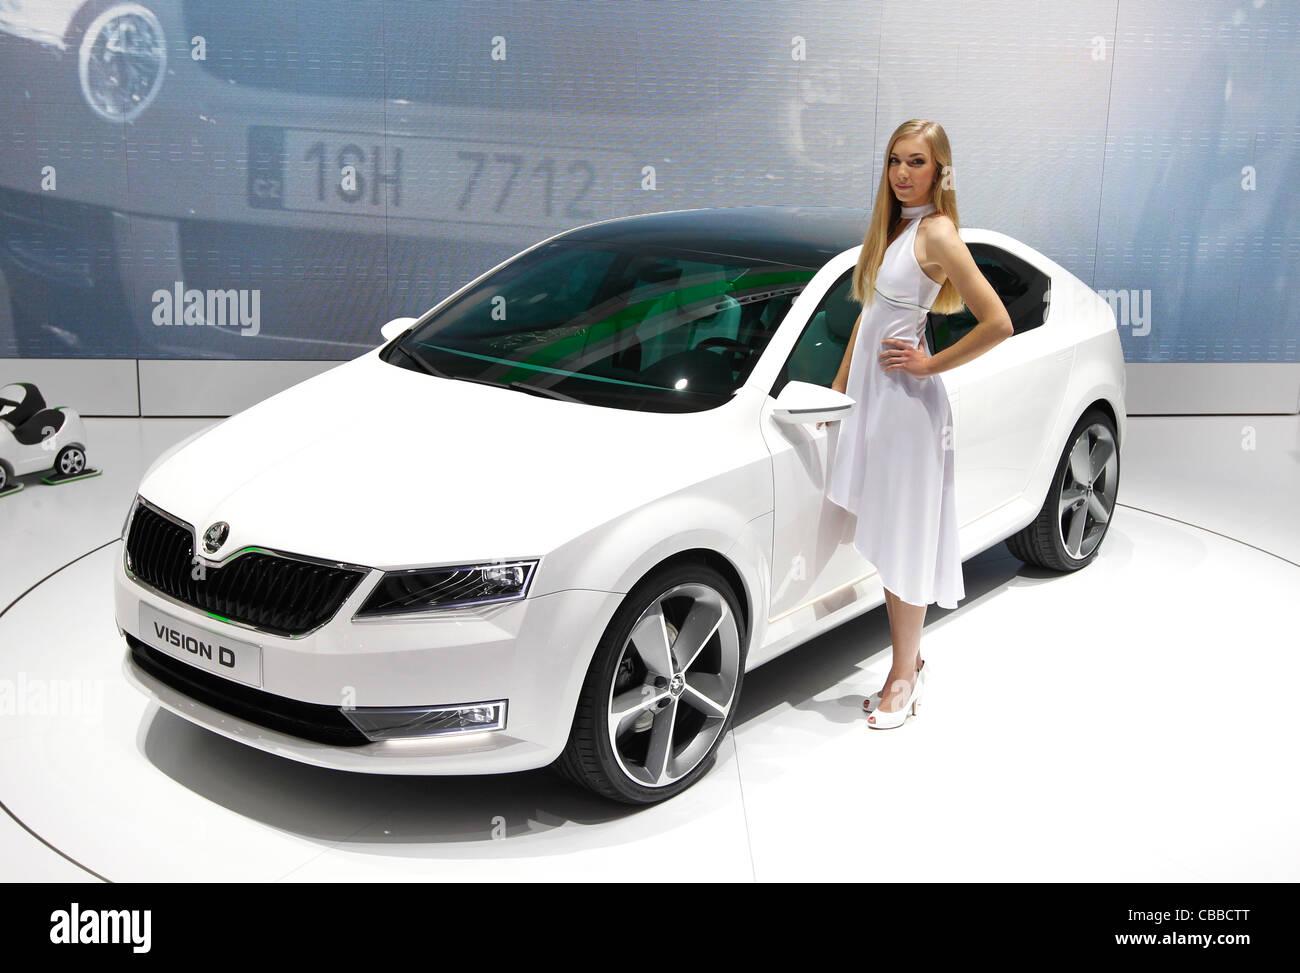 concept car vision d